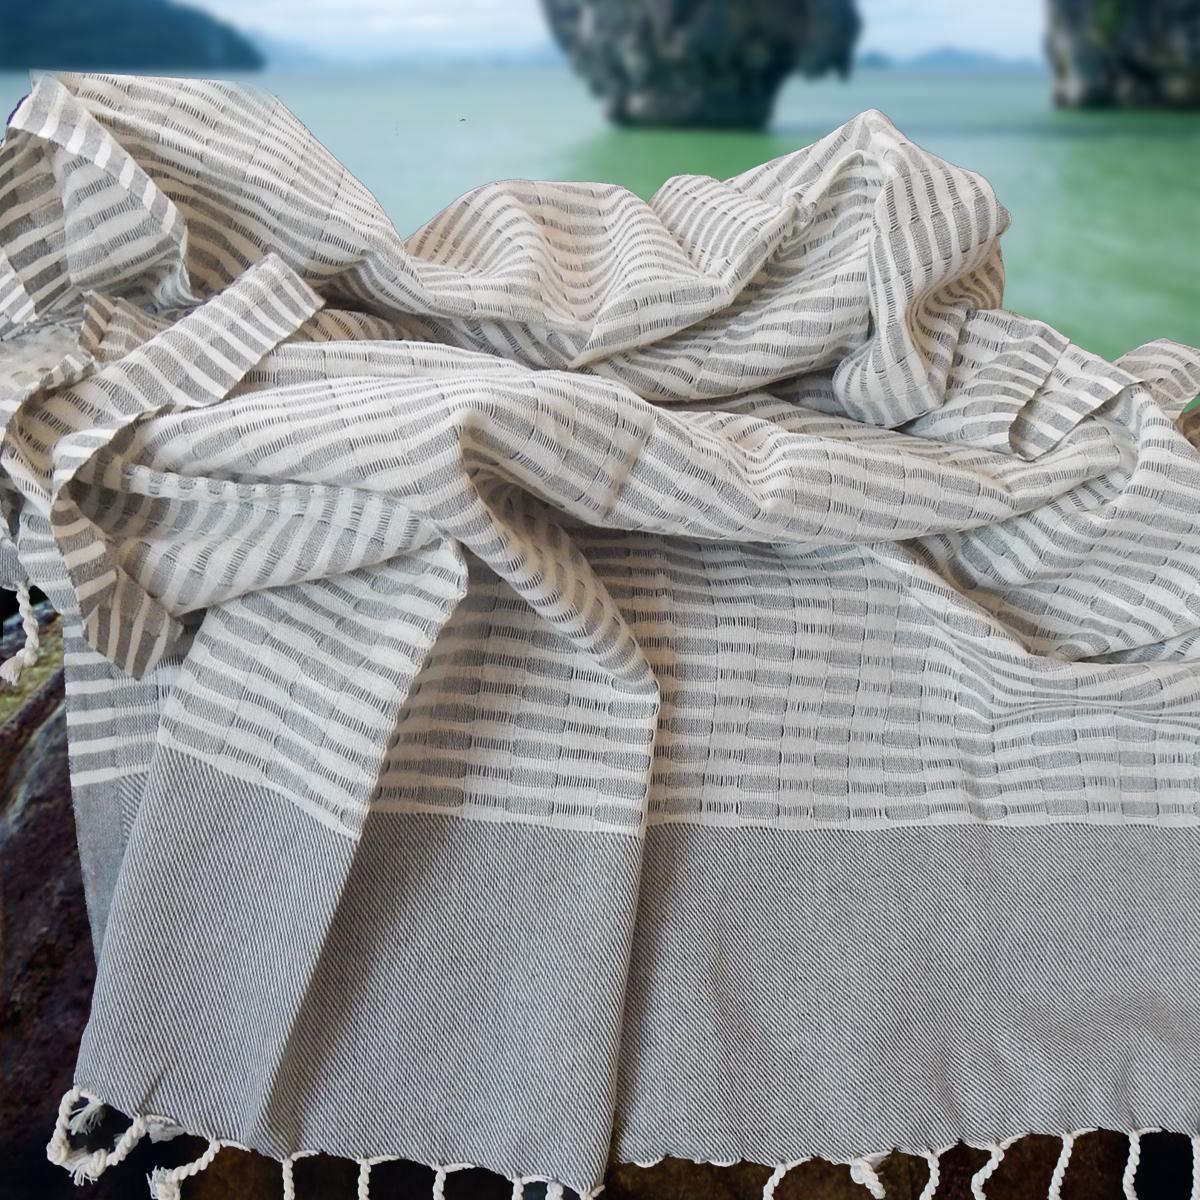 Mist Best Turkish Towels Quiquattro